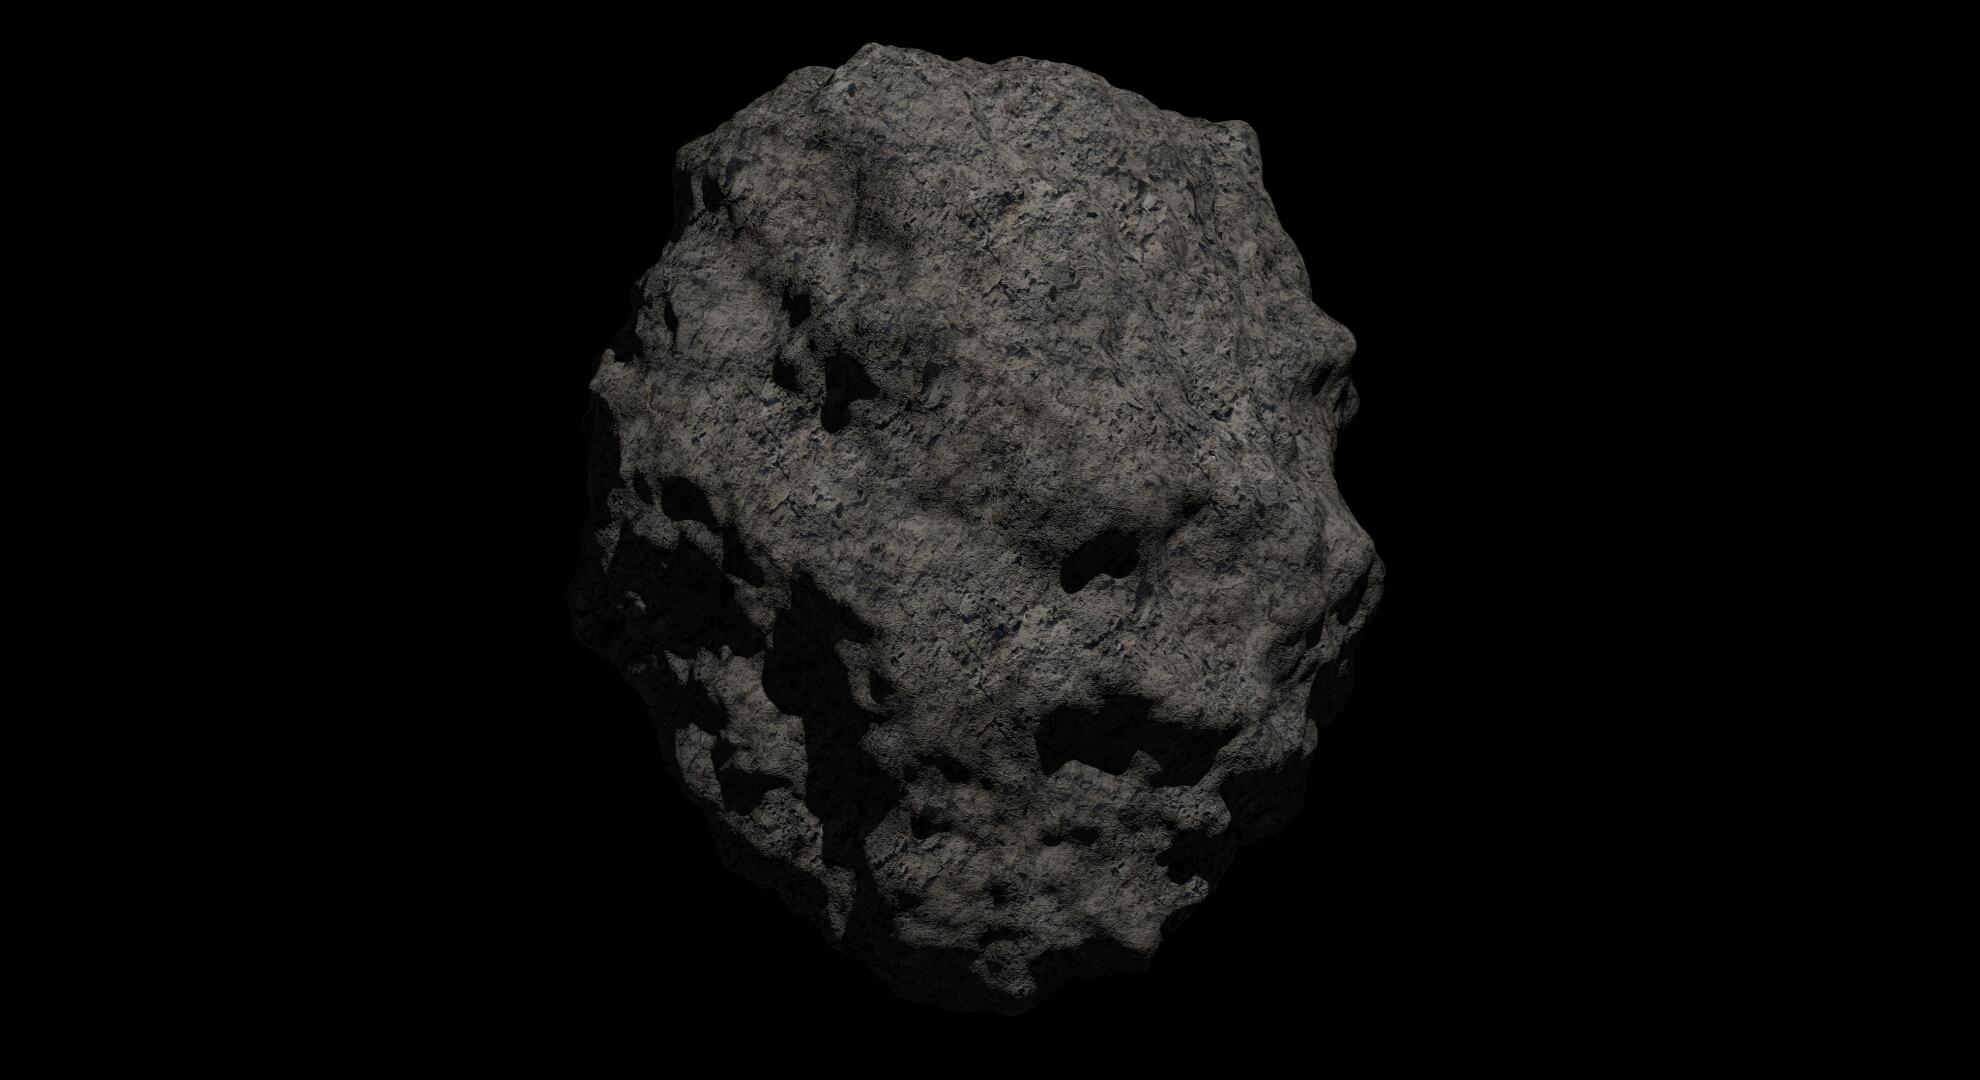 fantaziya asteroid 2 3d modeli 3s qarışığı da fbx obj 267196